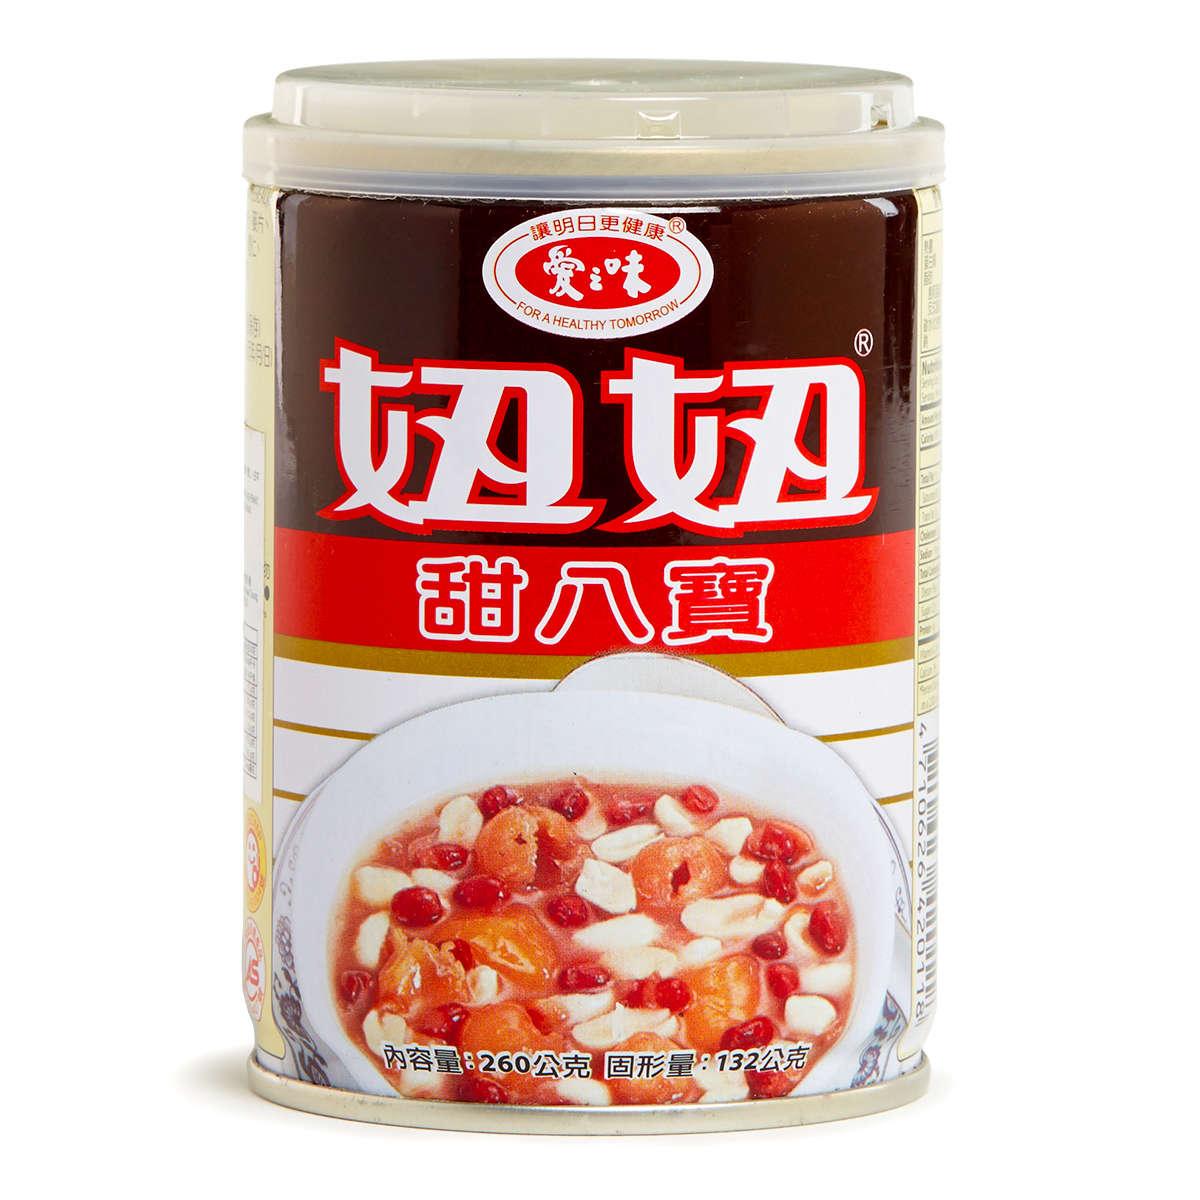 愛之味妞妞甜八寶260g*3罐/組 【合迷雅好物商城】